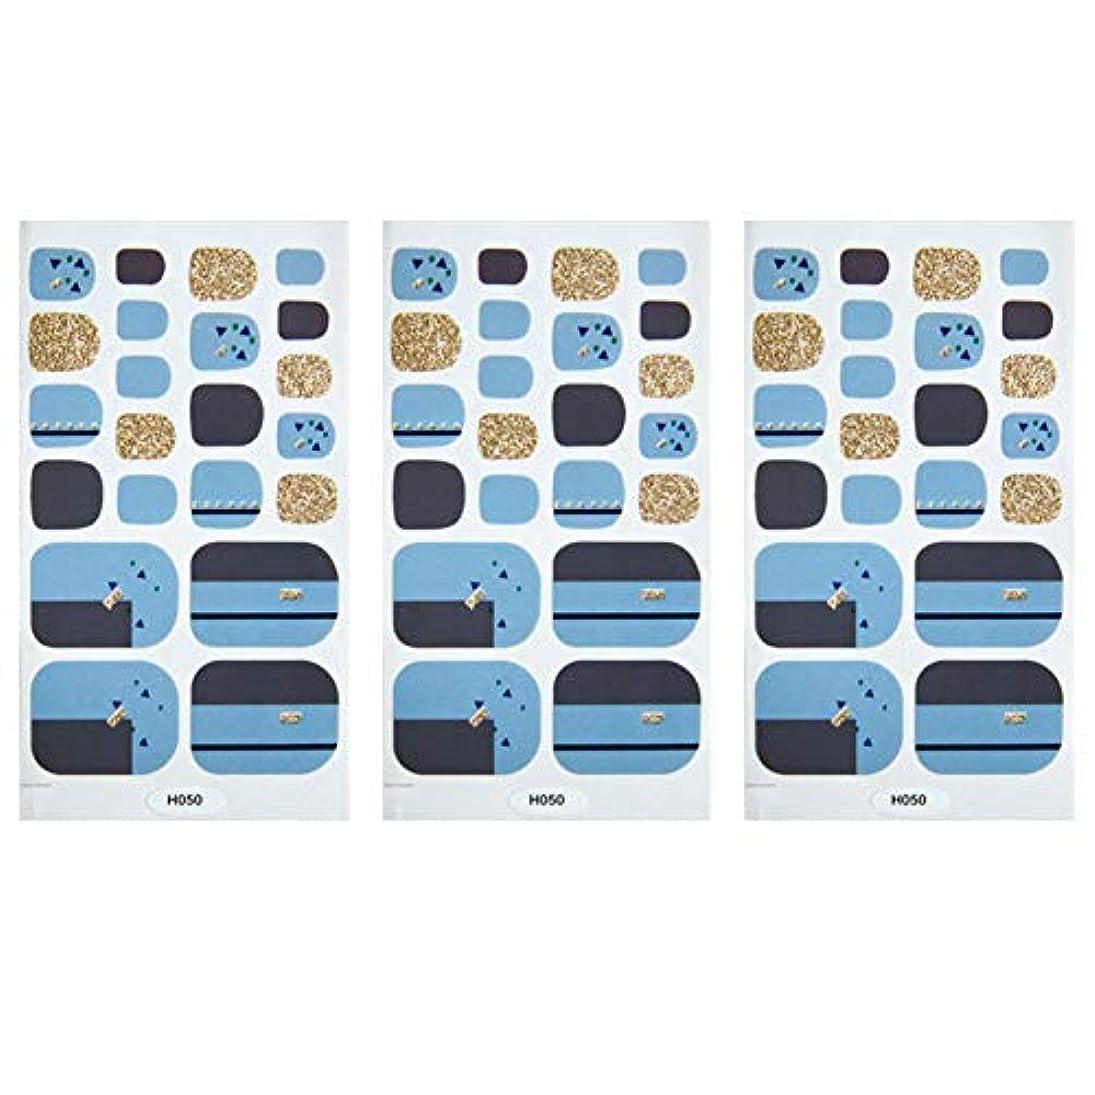 前件追加するシェルPoonikuuネイルシール ネイルステッカー 足爪 ネイルデコレーション 貼るだけマニキュア 女性レディースプレゼンギフト 人気のあるファクション美しさおしゃれ 3枚セット ブルー